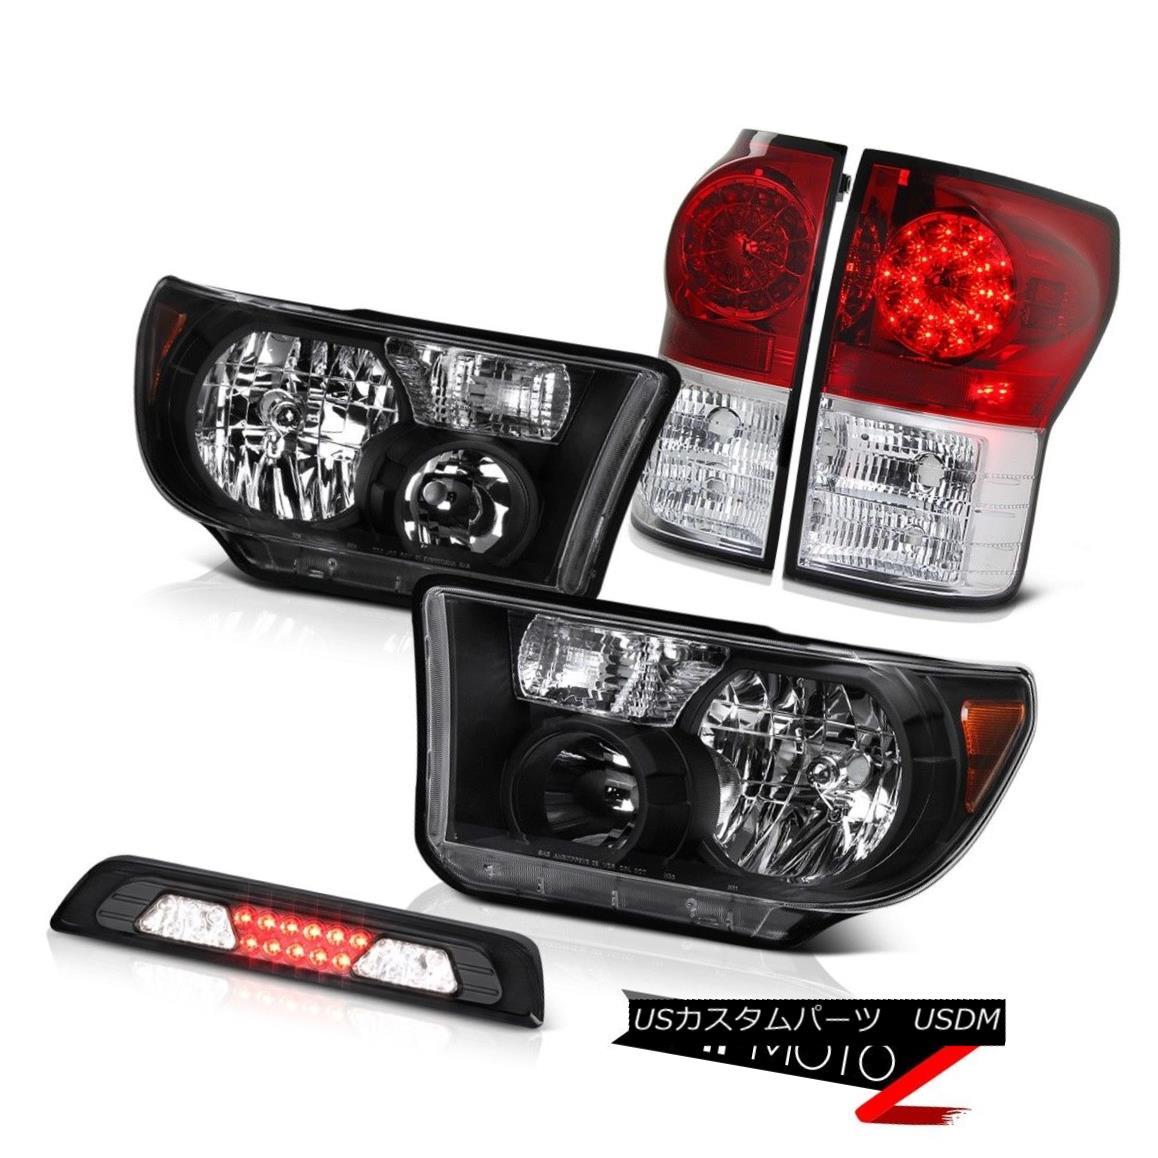 ヘッドライト 07-13 Toyota Tundra Limited Headlights 3RD Brake Light Taillights SMD Assembly 07-13 Toyota Tundra Limitedヘッドライト3RDブレーキライトテールライトSMDアセンブリ